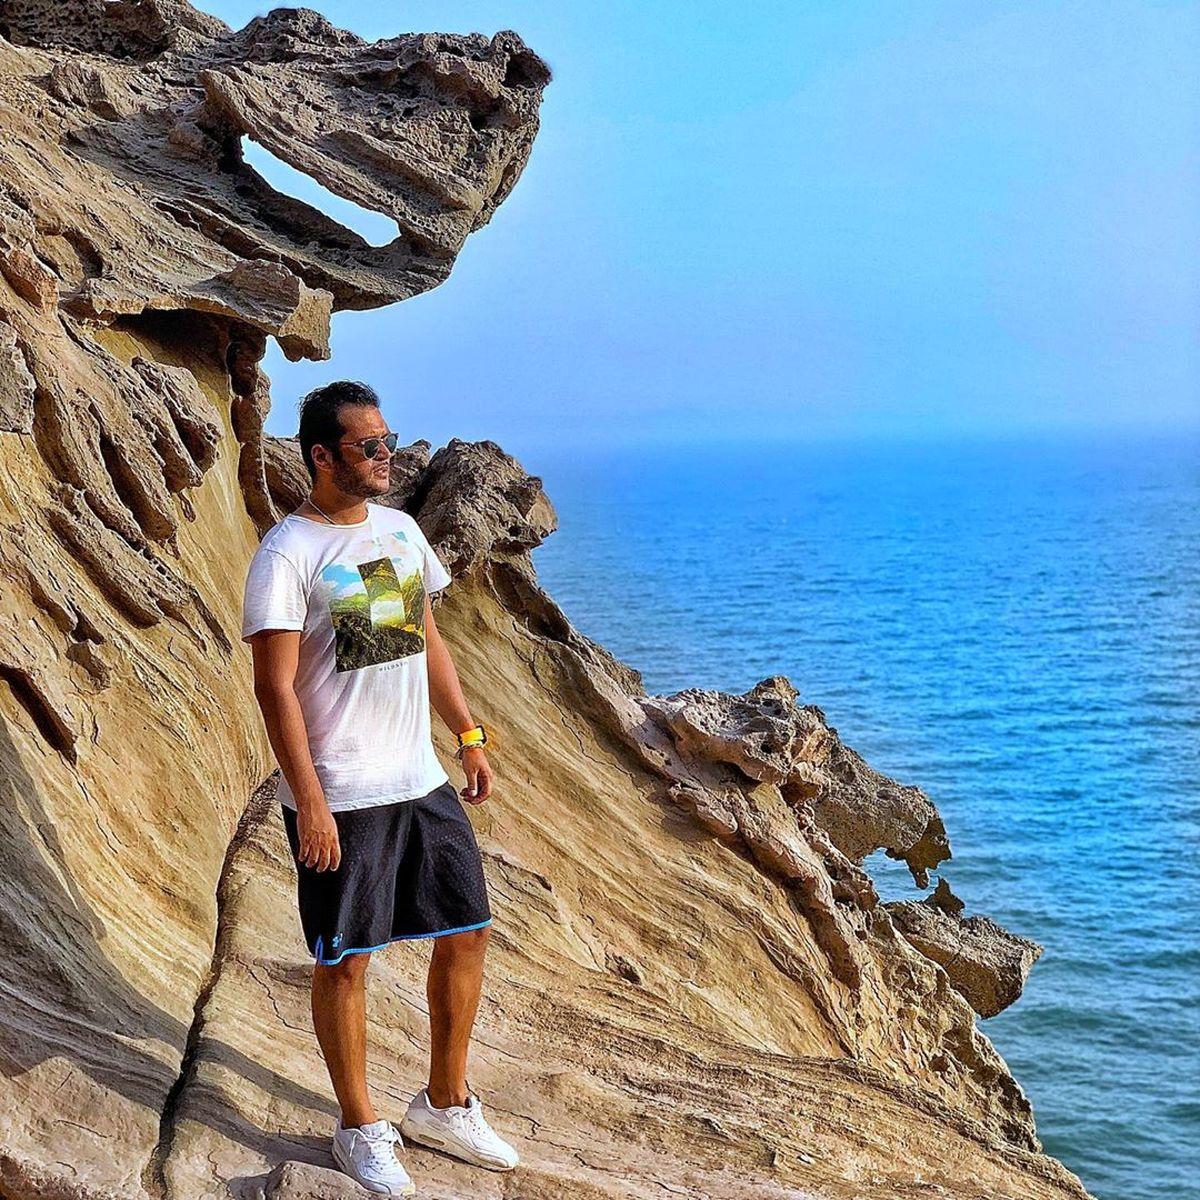 تیپ کنار ساحل سیاوش خیرابی و نیما شاهرخ شاهی  را ببینید + عکس